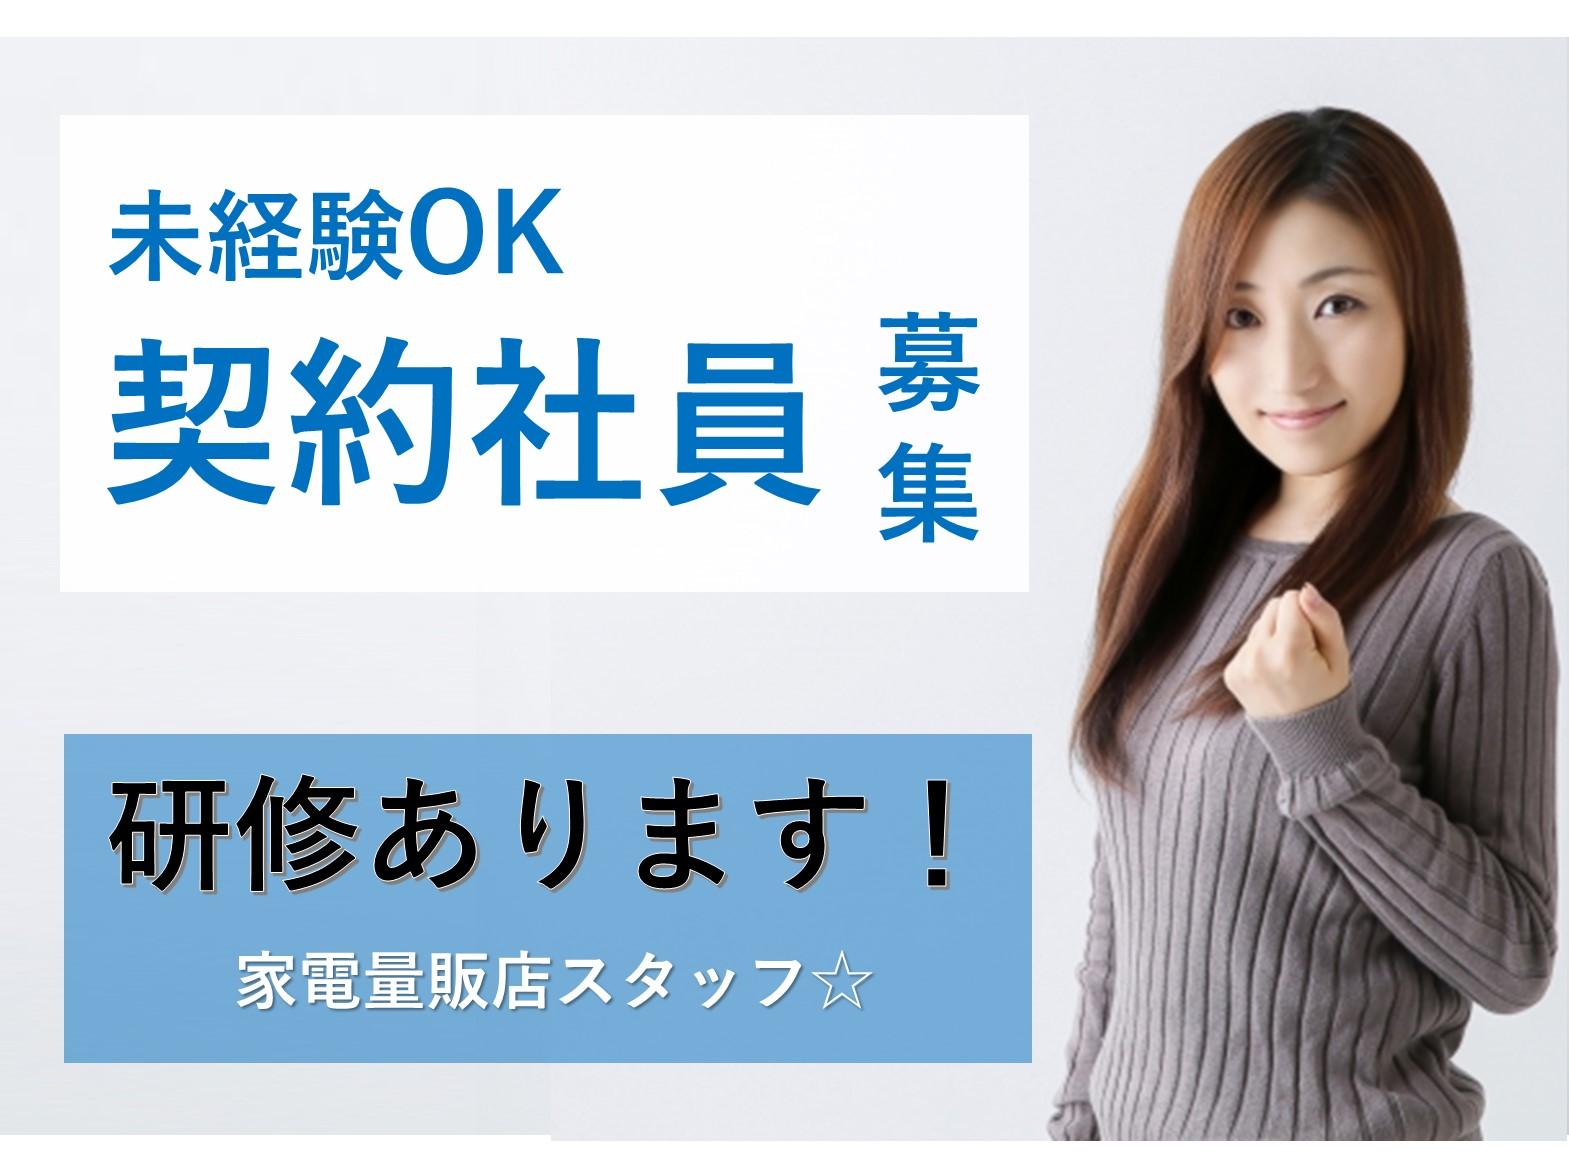 【名古屋市中区にて急募!】人と関わるのが好きな方必見!家電量販店スタッフ♪ イメージ